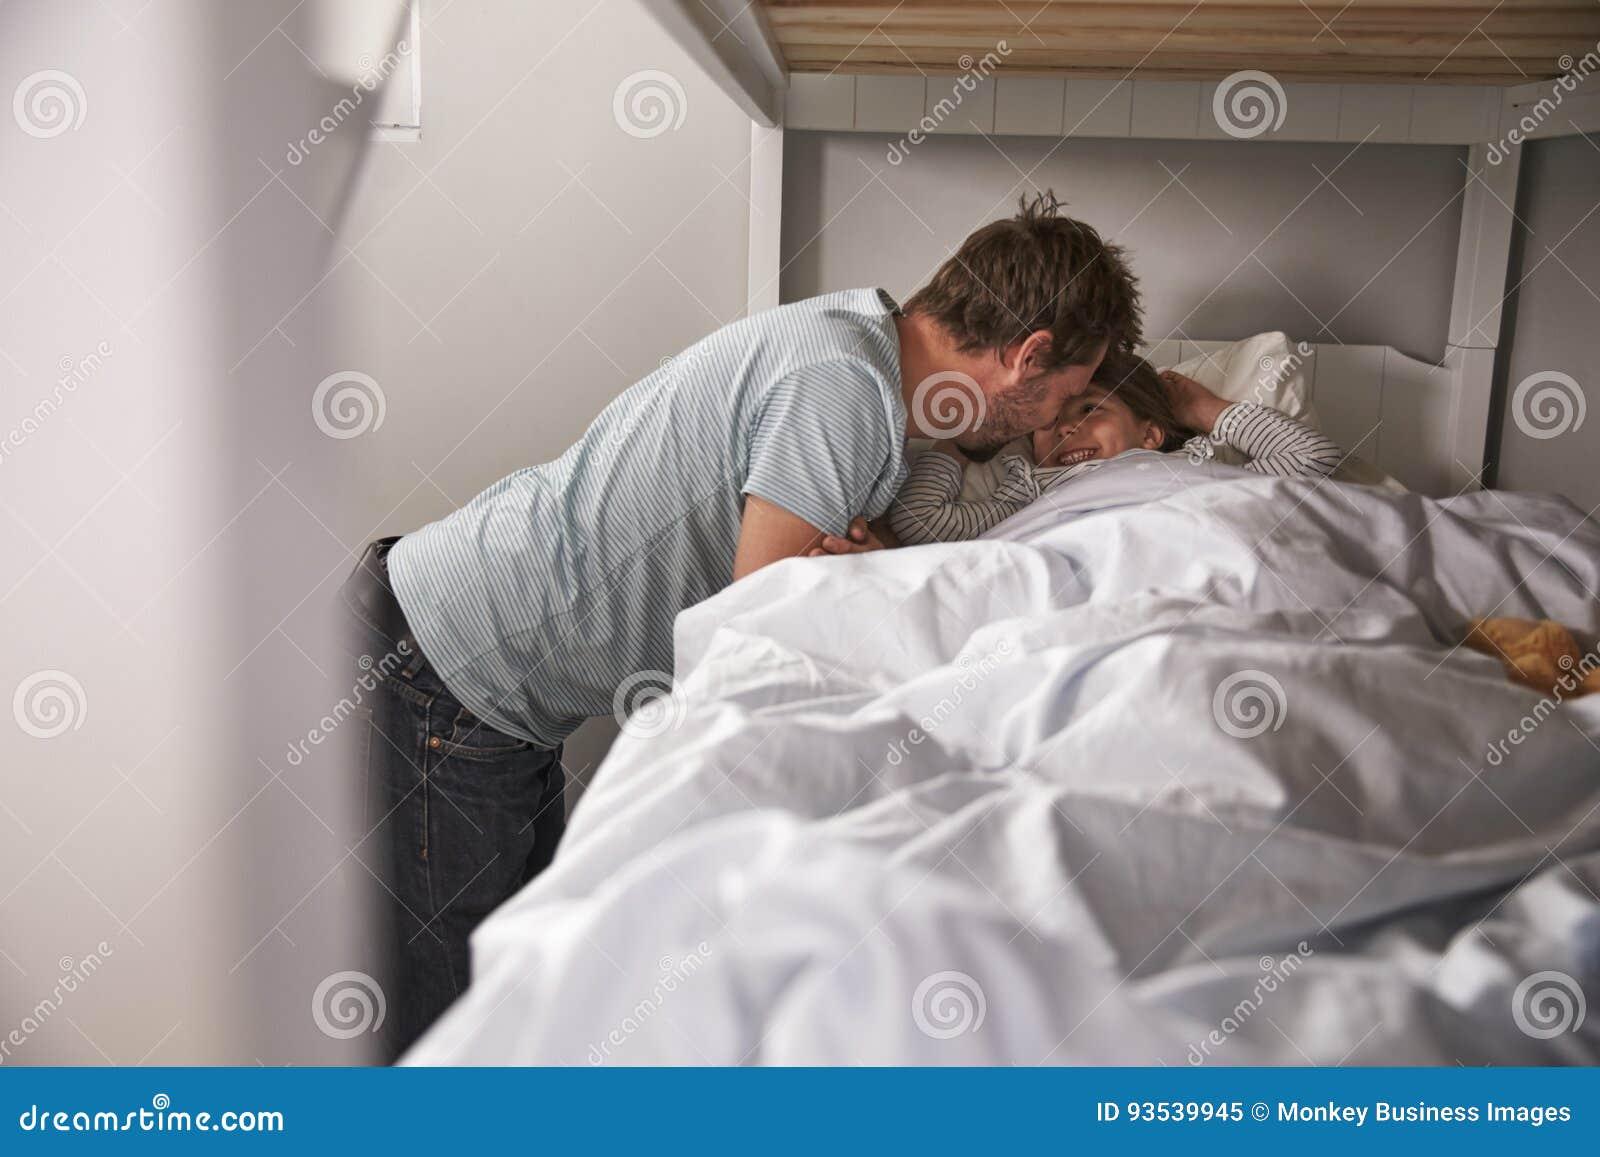 父亲说晚安对女儿在上床时间